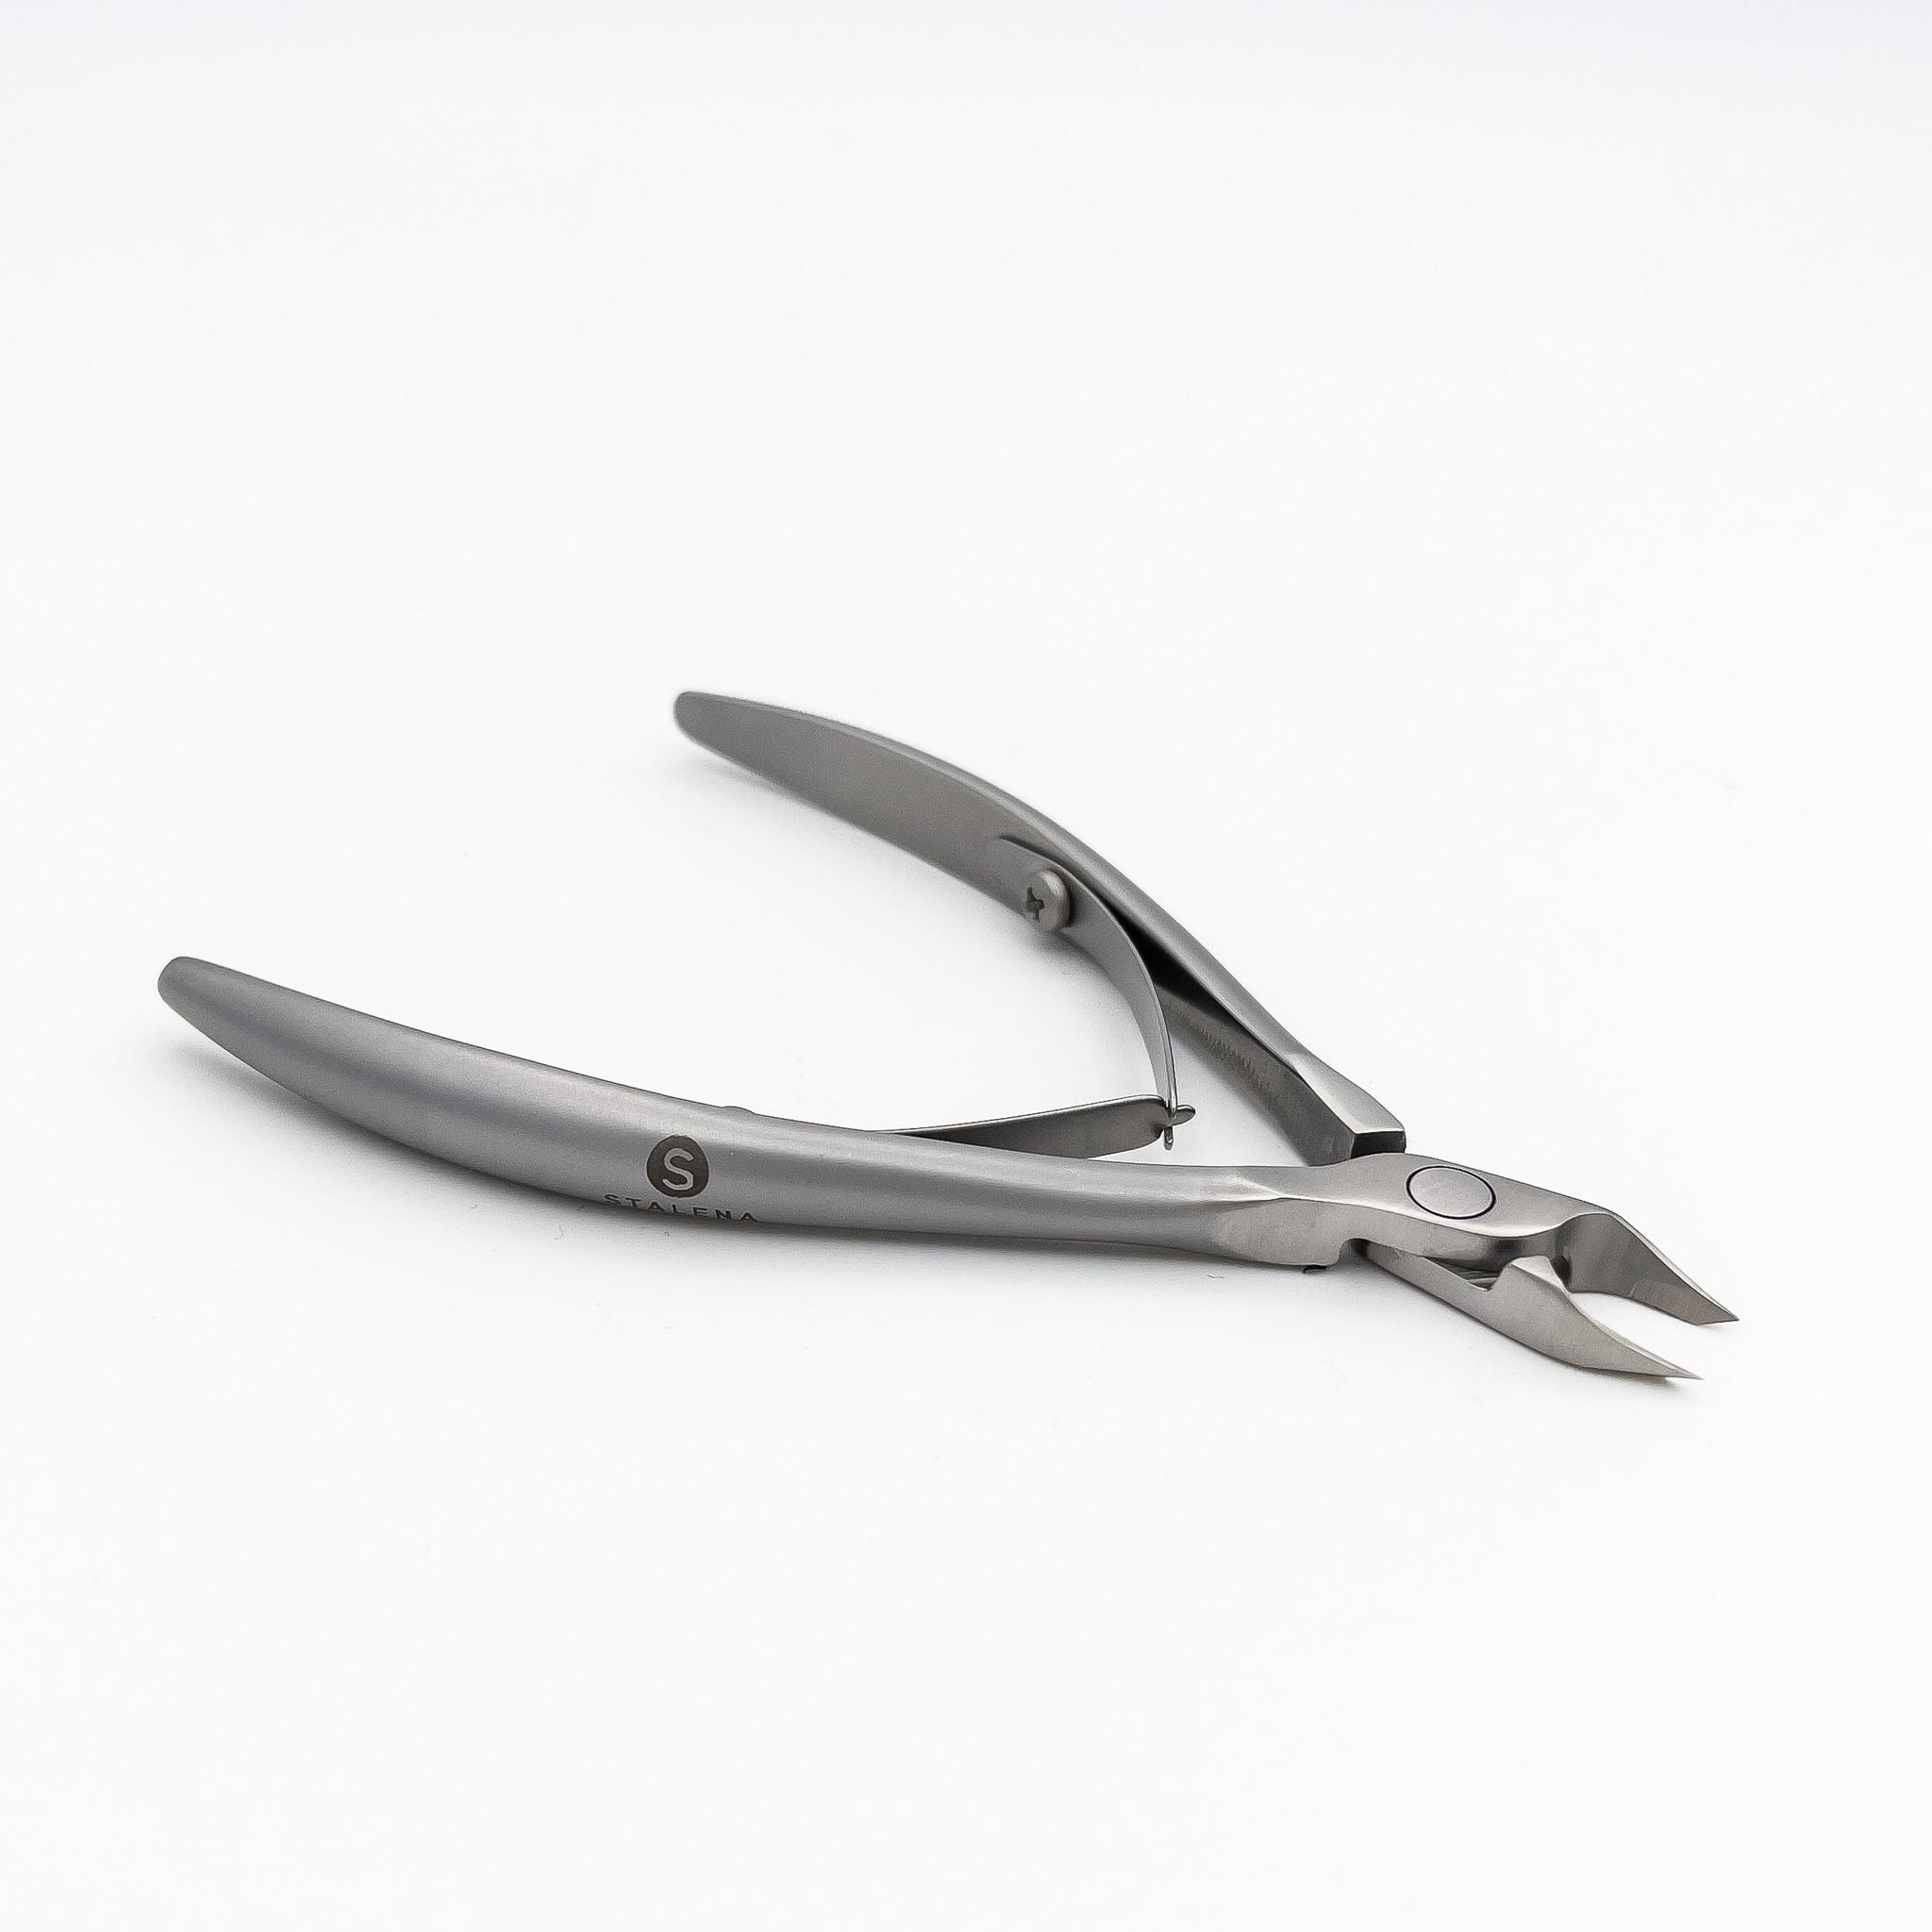 STALENA Pince à peau 3 mm - poignée longue KE-01 (N5-10-03)